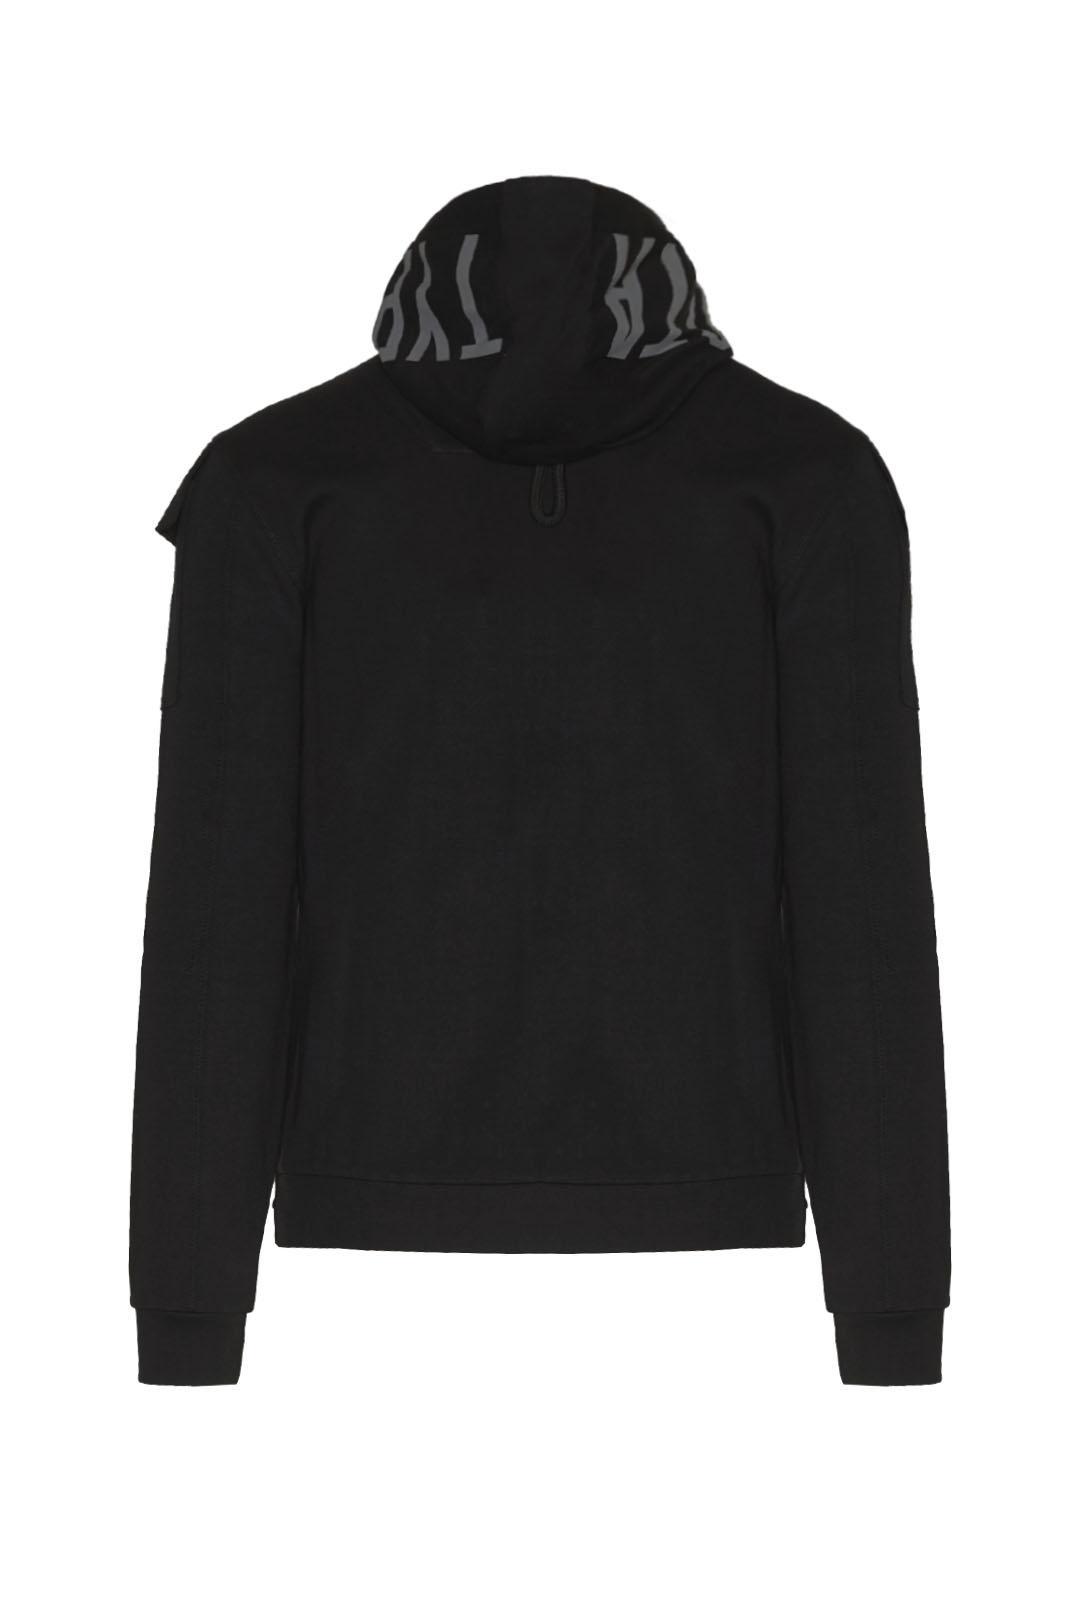 Sweatshirt interlock à capuche imprimée  2